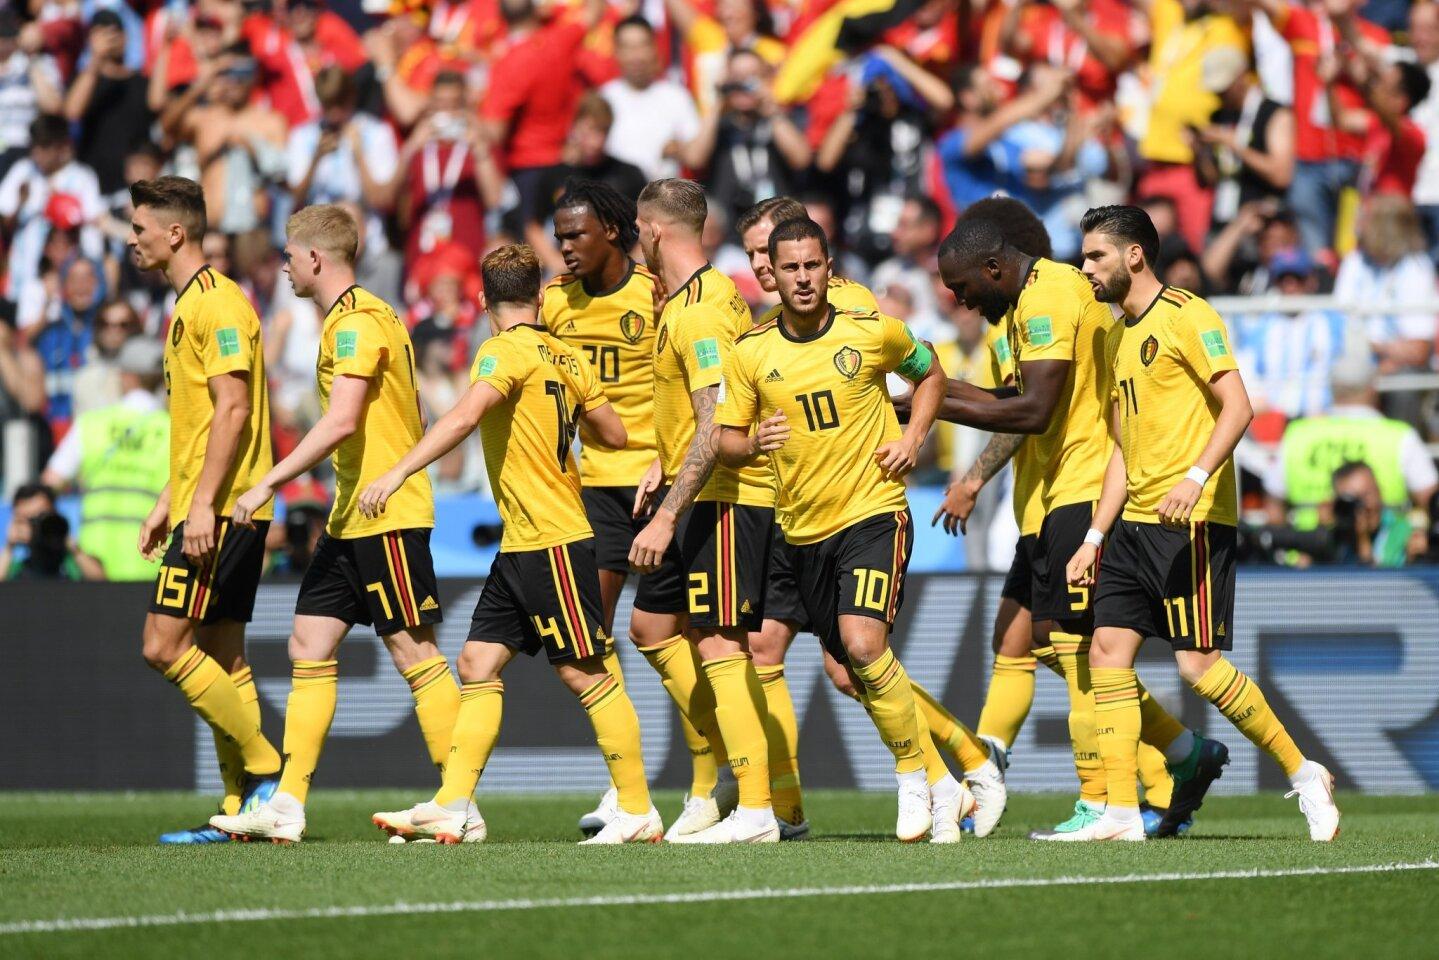 Con otra goleada y exhibición de juego ofensivo, la selección belga se impuso a Túnez y se encamina hacia los octavos de final del Mundial.